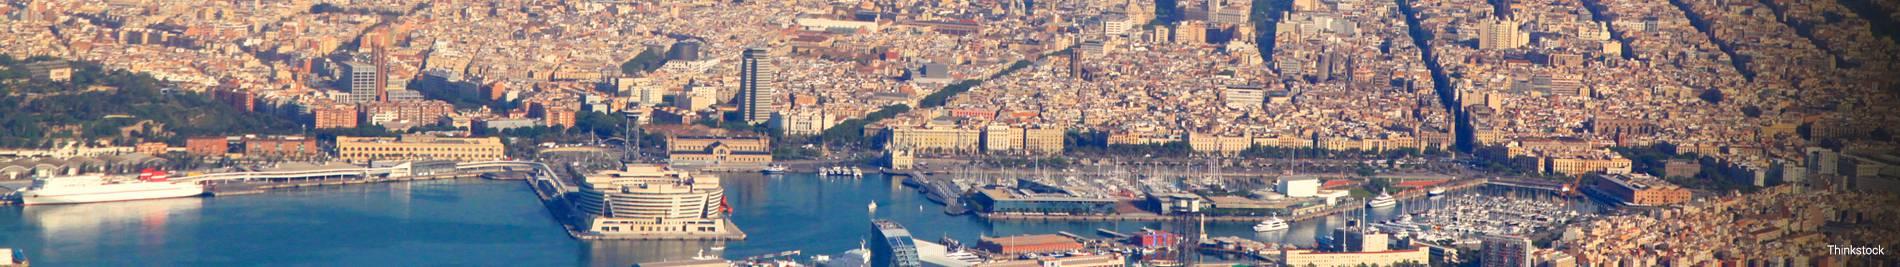 Vue aérienne de la ville.